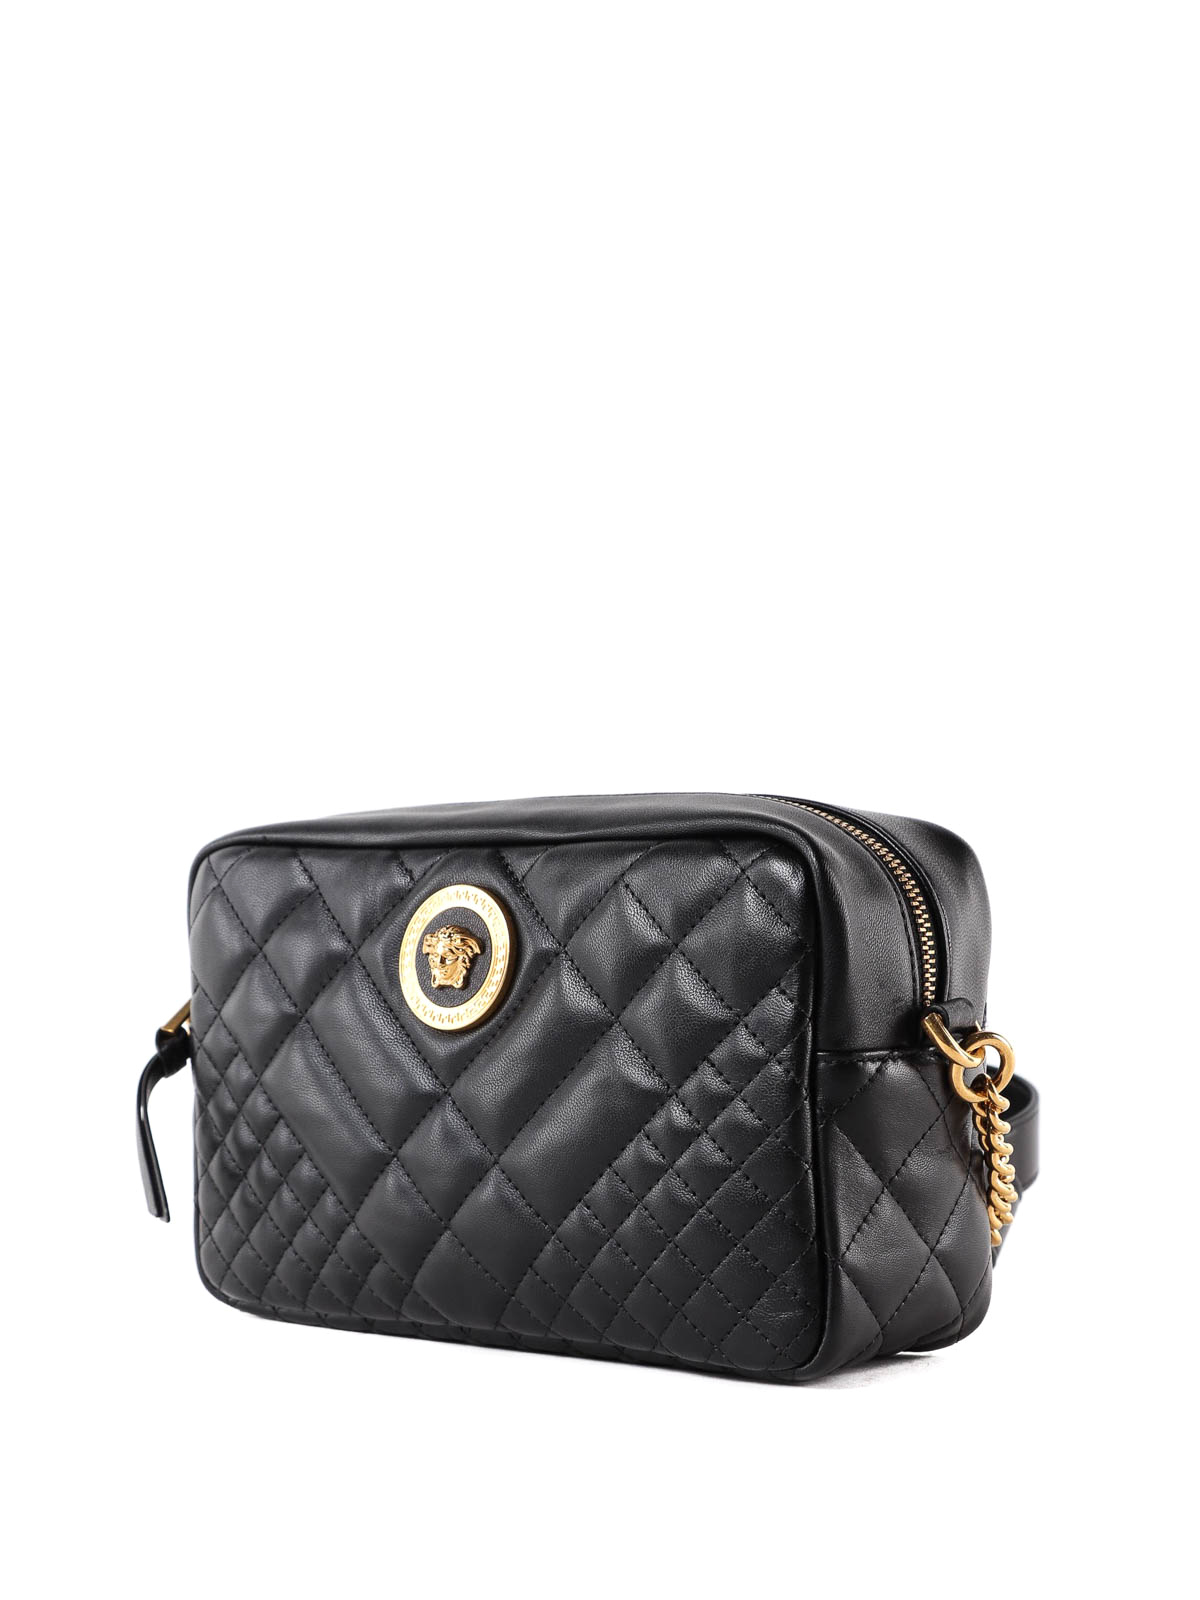 VERSACE  shoulder bags online - Medusa black quilted nappa shoulder bag 529084a66346a